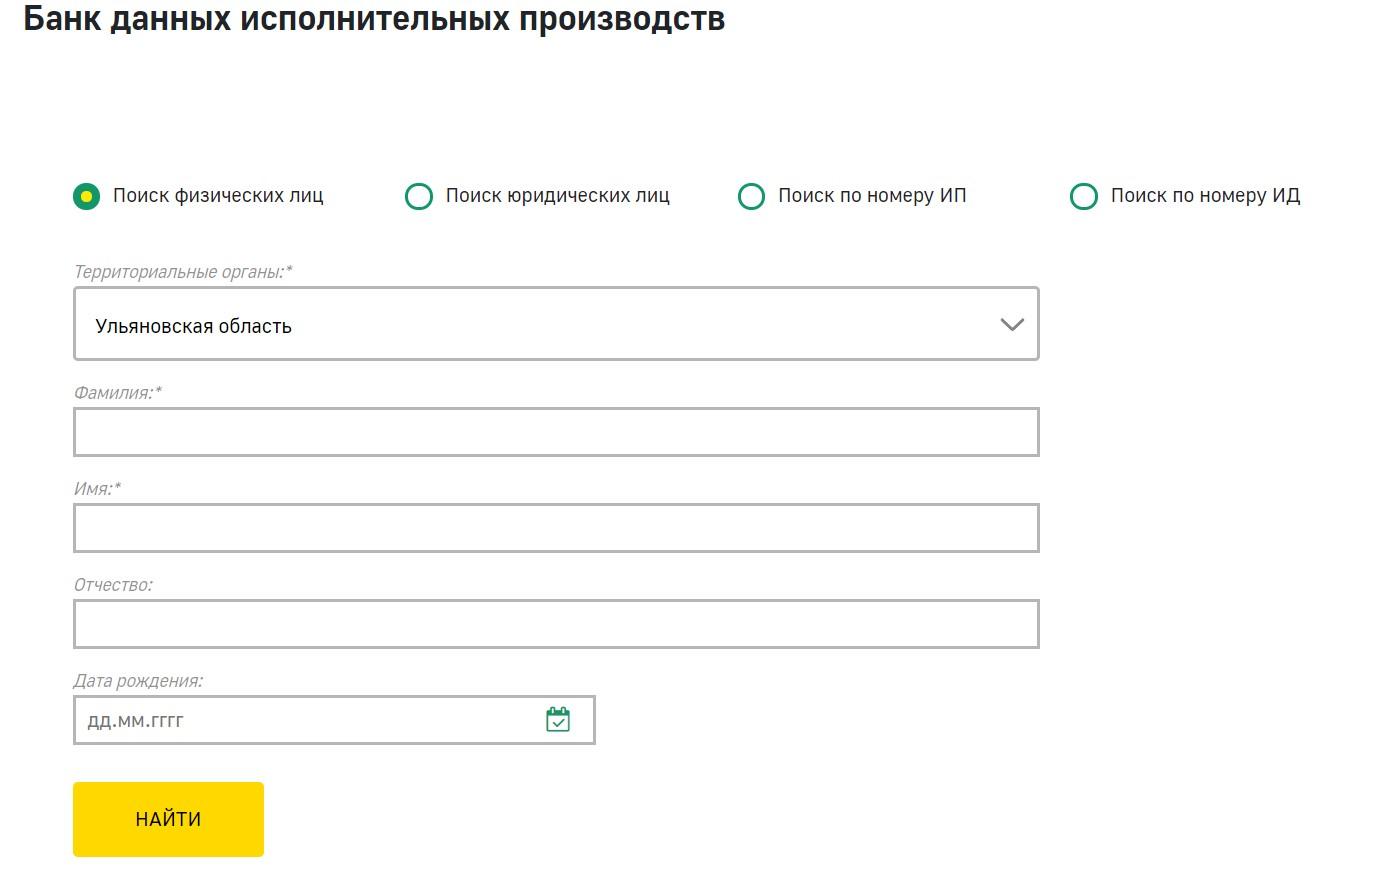 Проверка судимости по паспорту онлайн